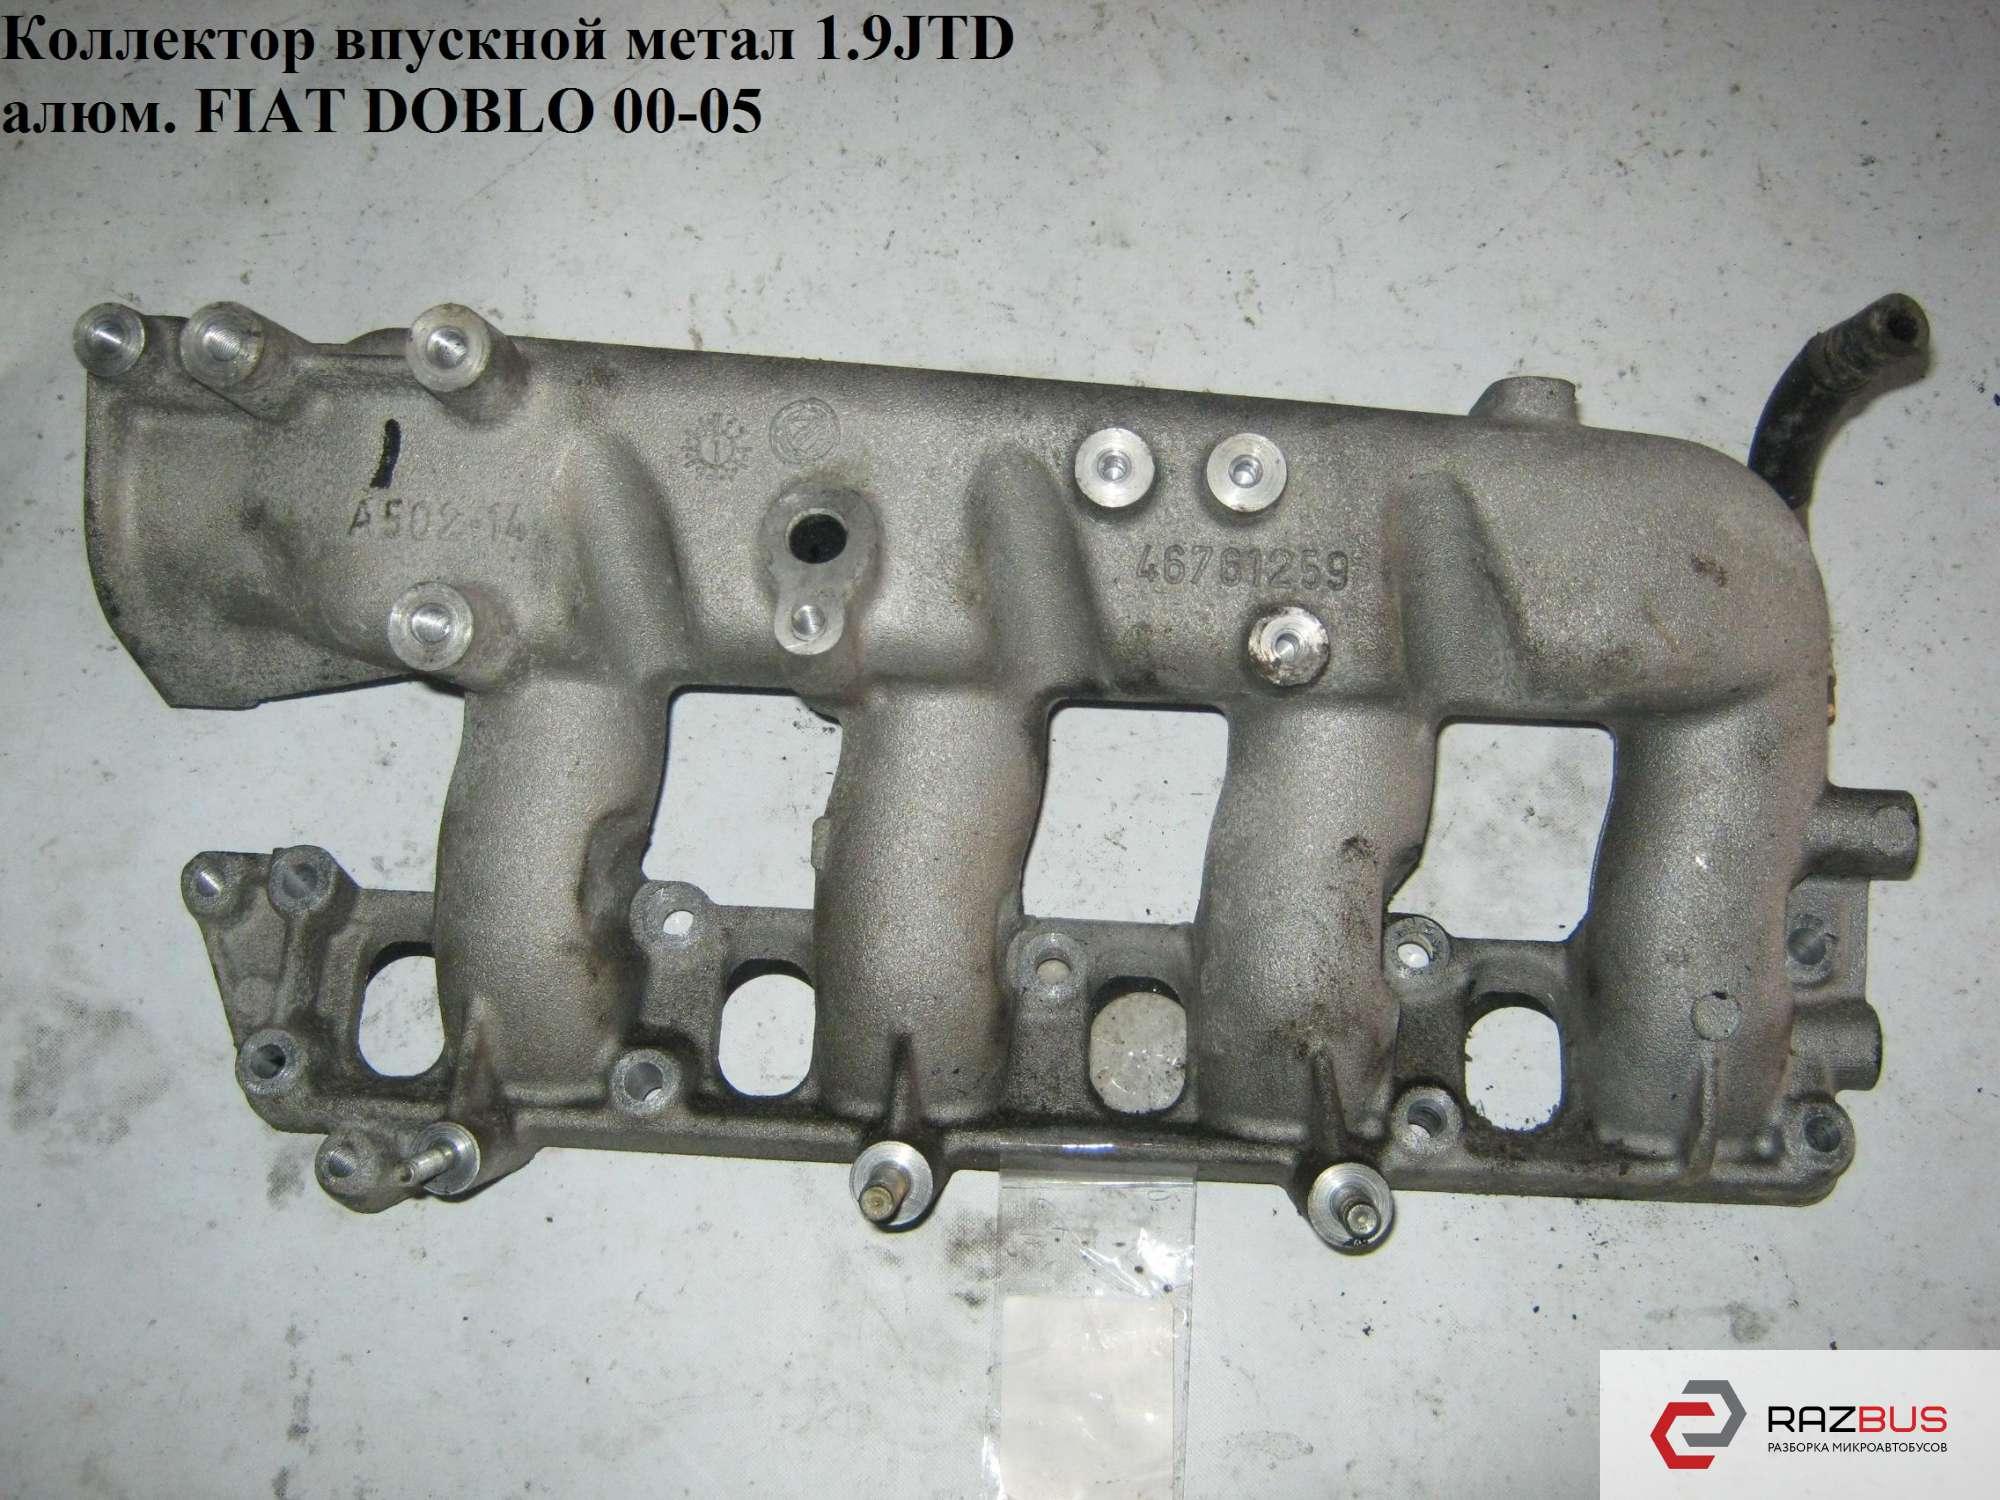 55212585 Коллектор впускной метал 1.9JTD FIAT DOBLO 2000-2005г